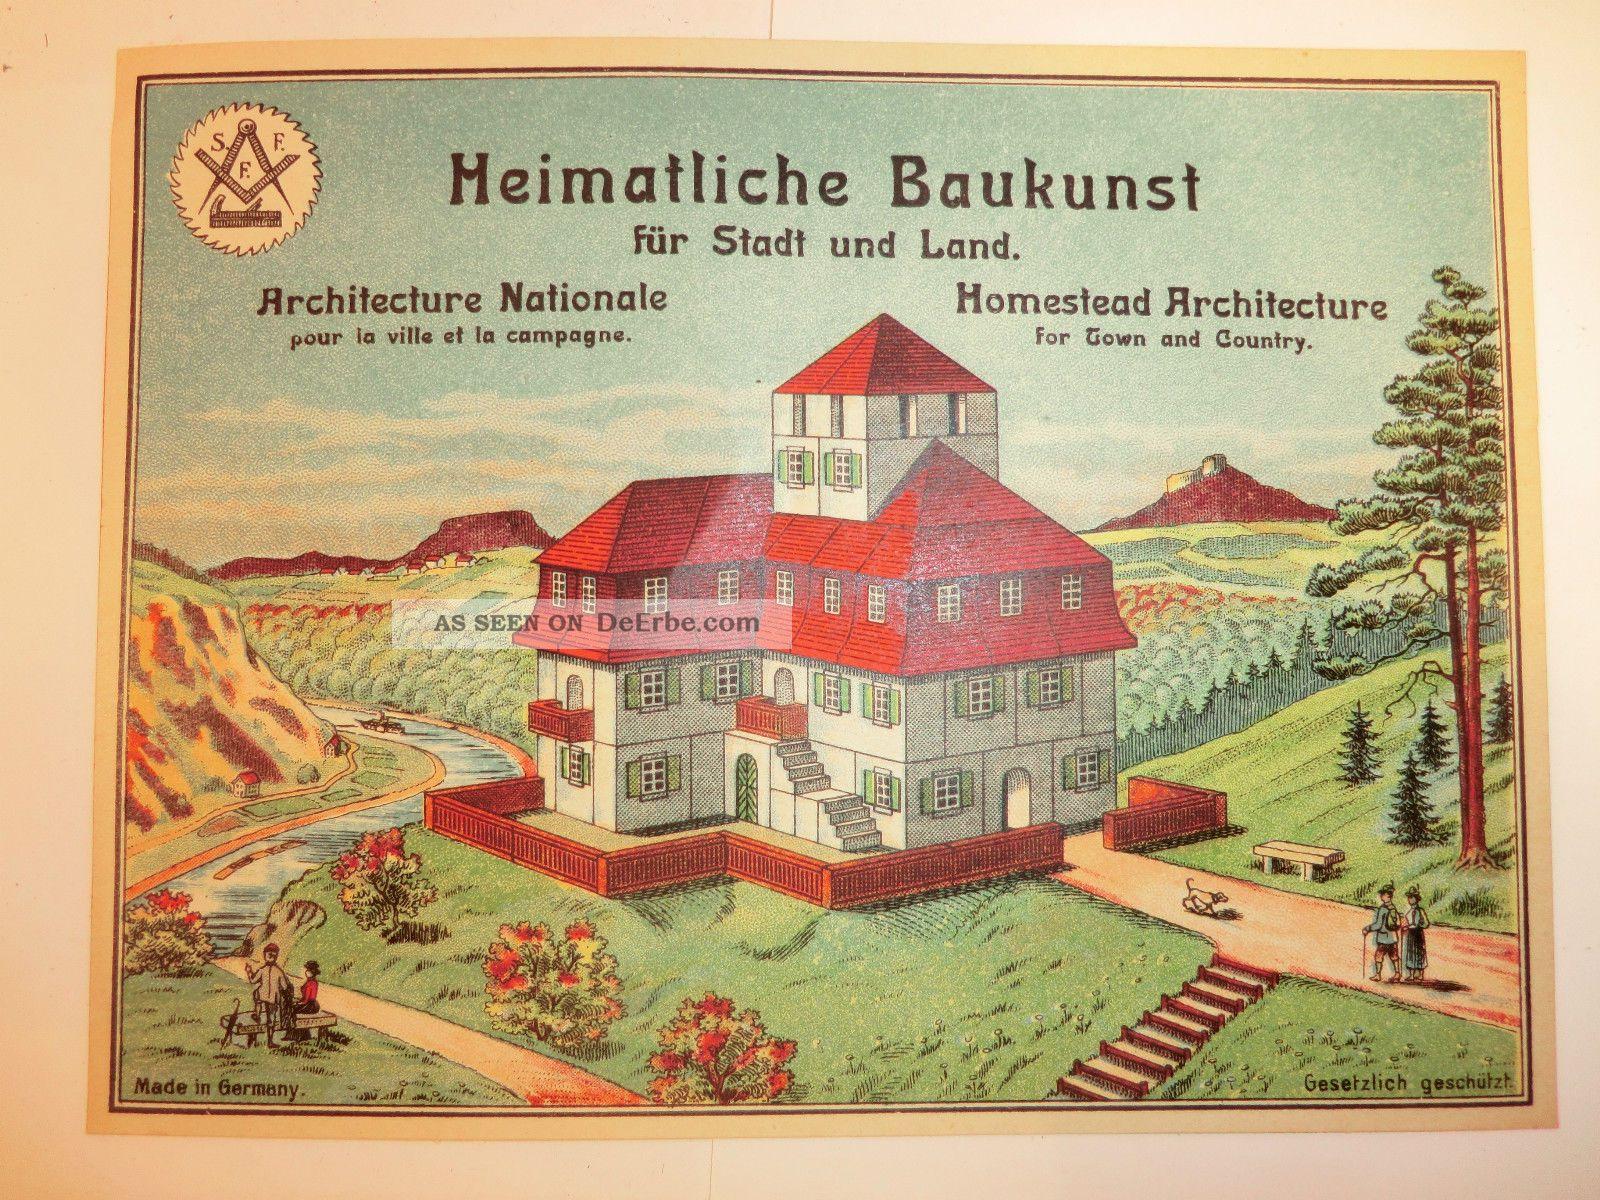 Uralte Holzbaukasten Vorlage S. F. Fischer Seiffen Erzgebirge 1920